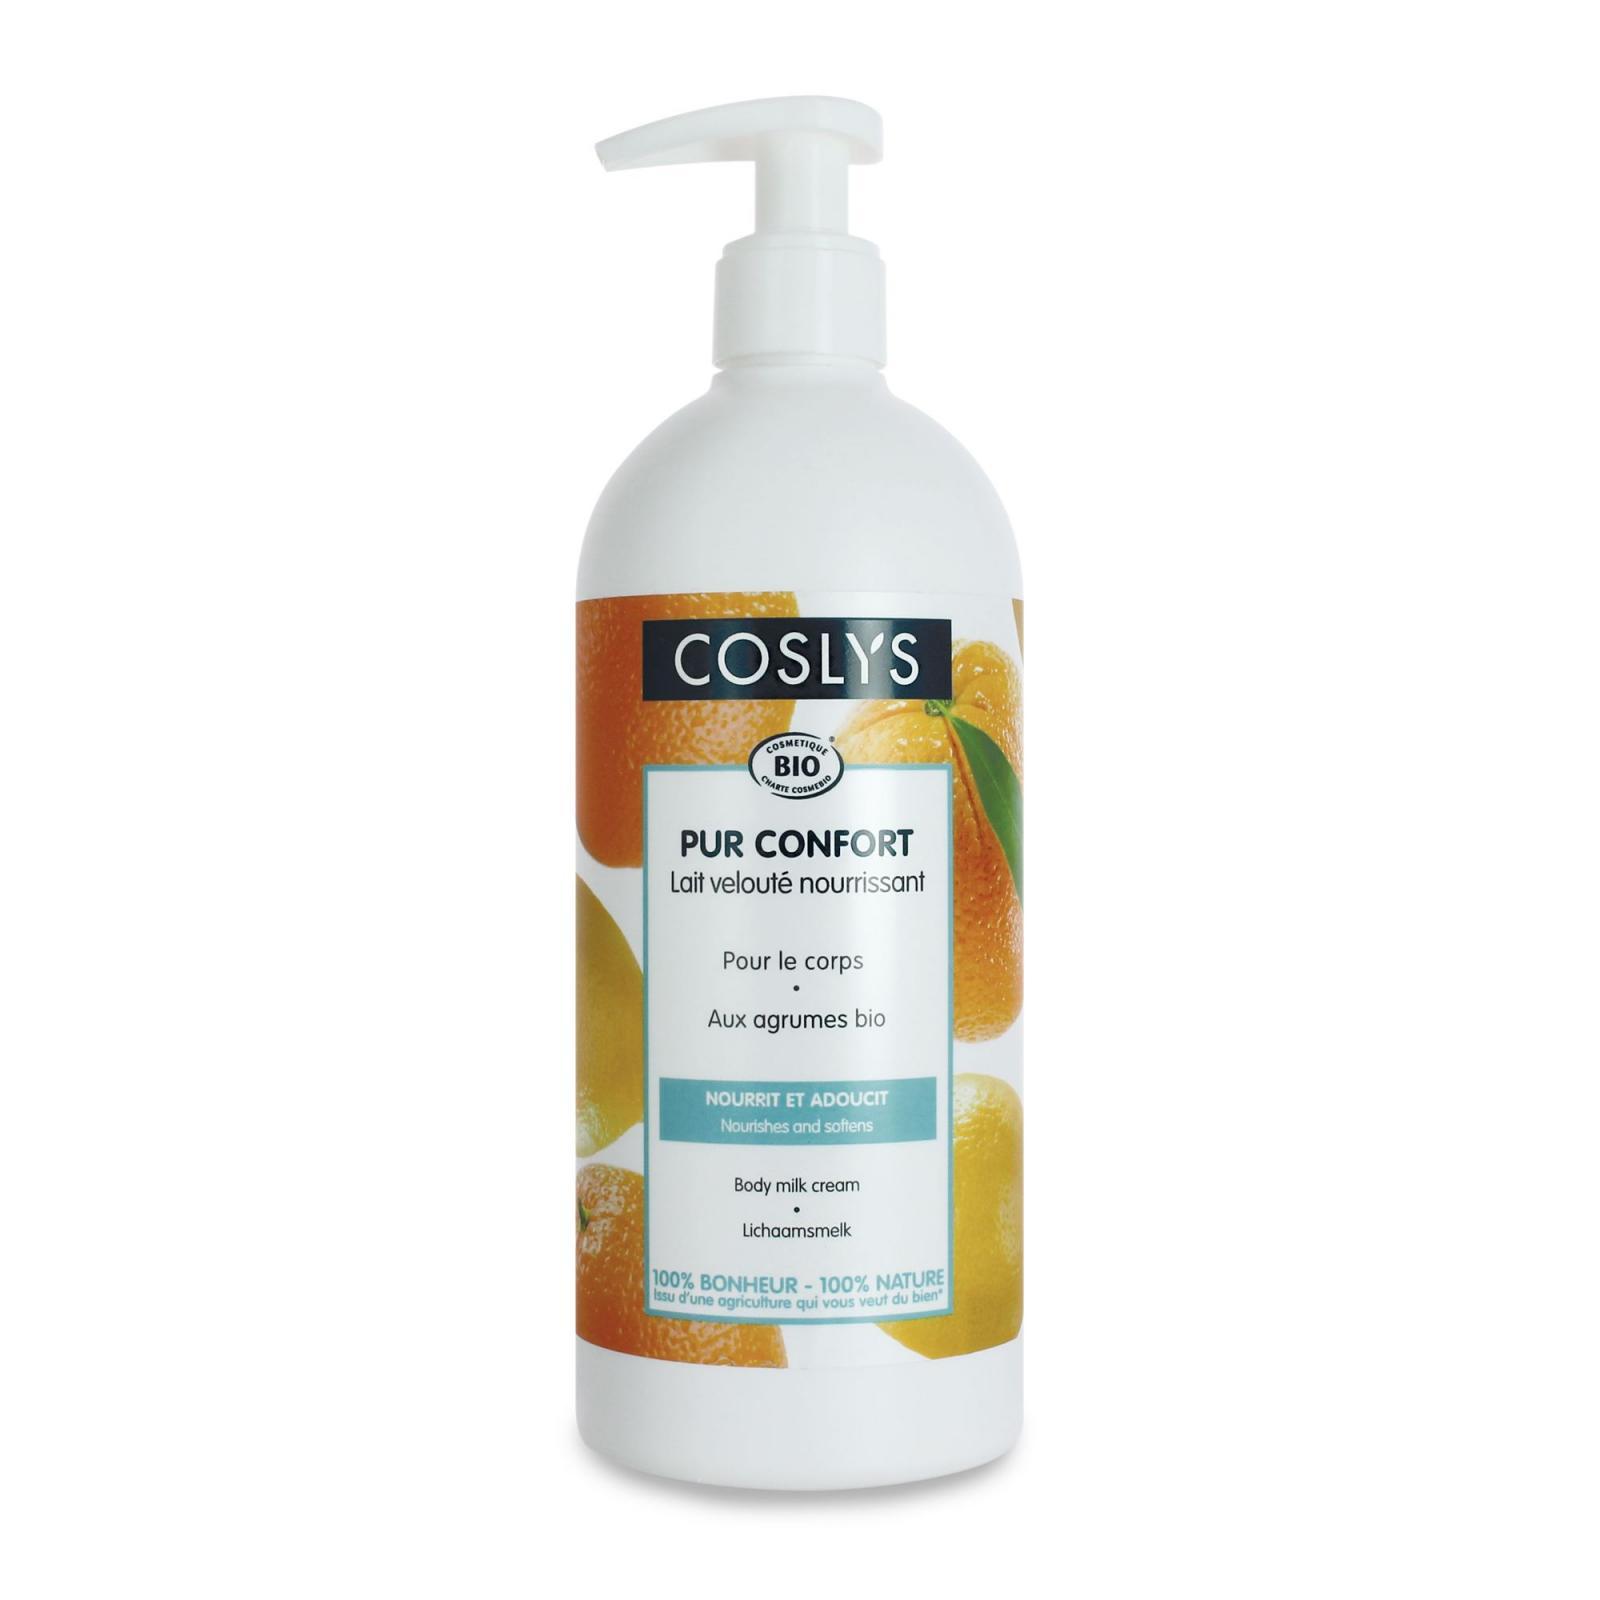 Coslys Tělový krém citrusy 500 ml